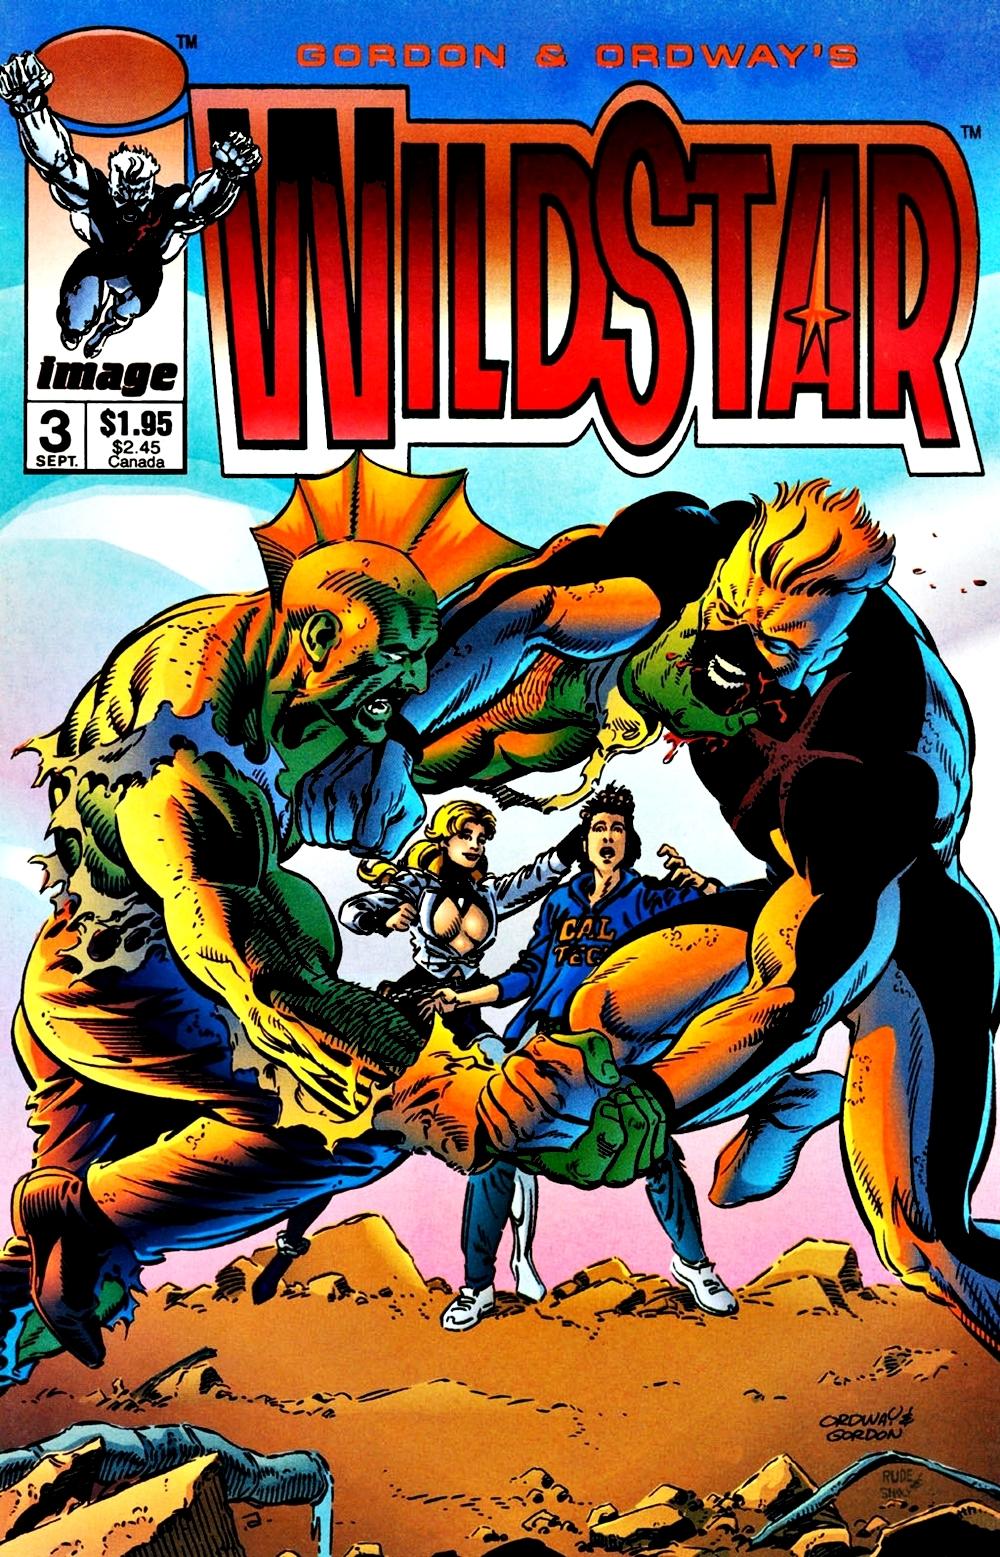 Wildstar Vol 1 3